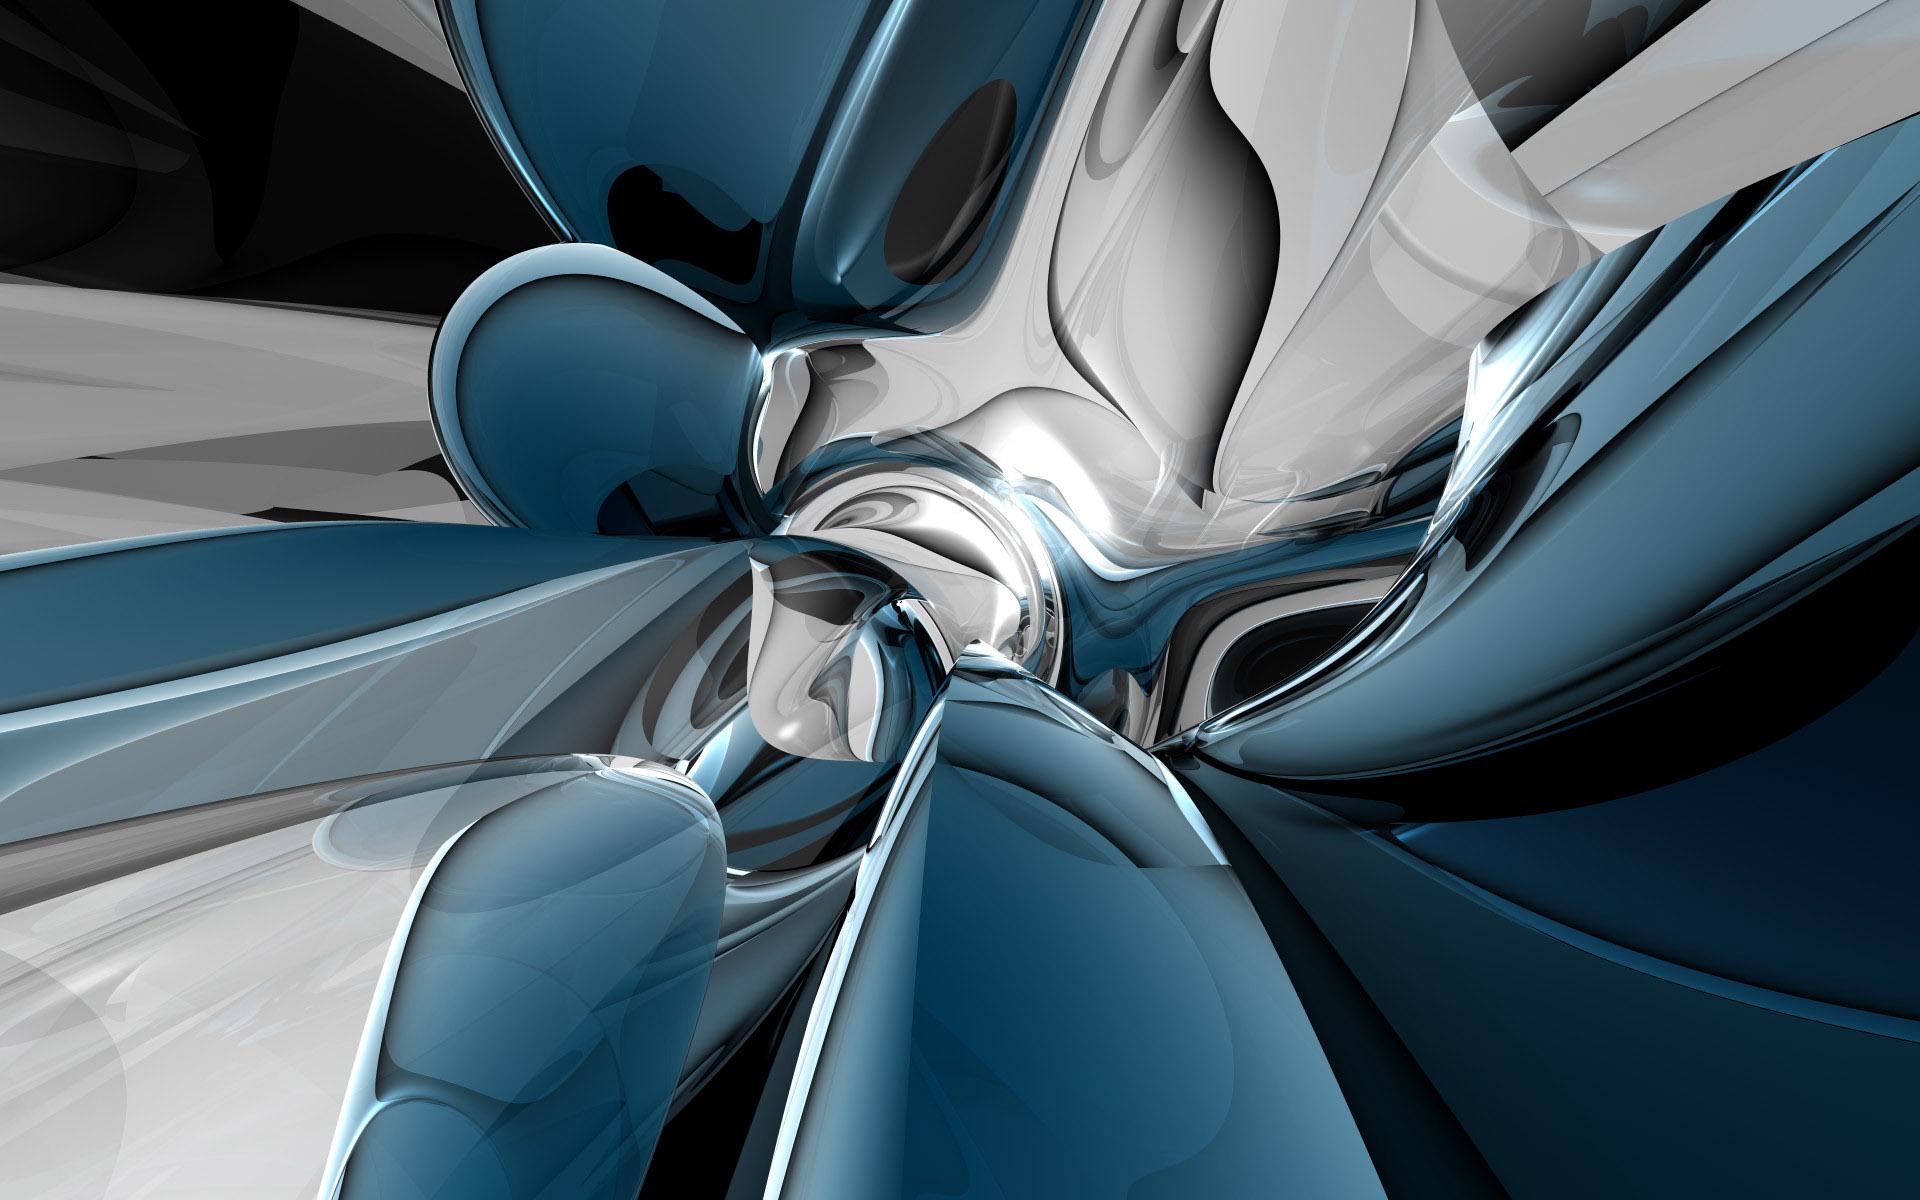 Cool 3D Abstract Background 21 Desktop Wallpaper Wallpaper 1920x1200